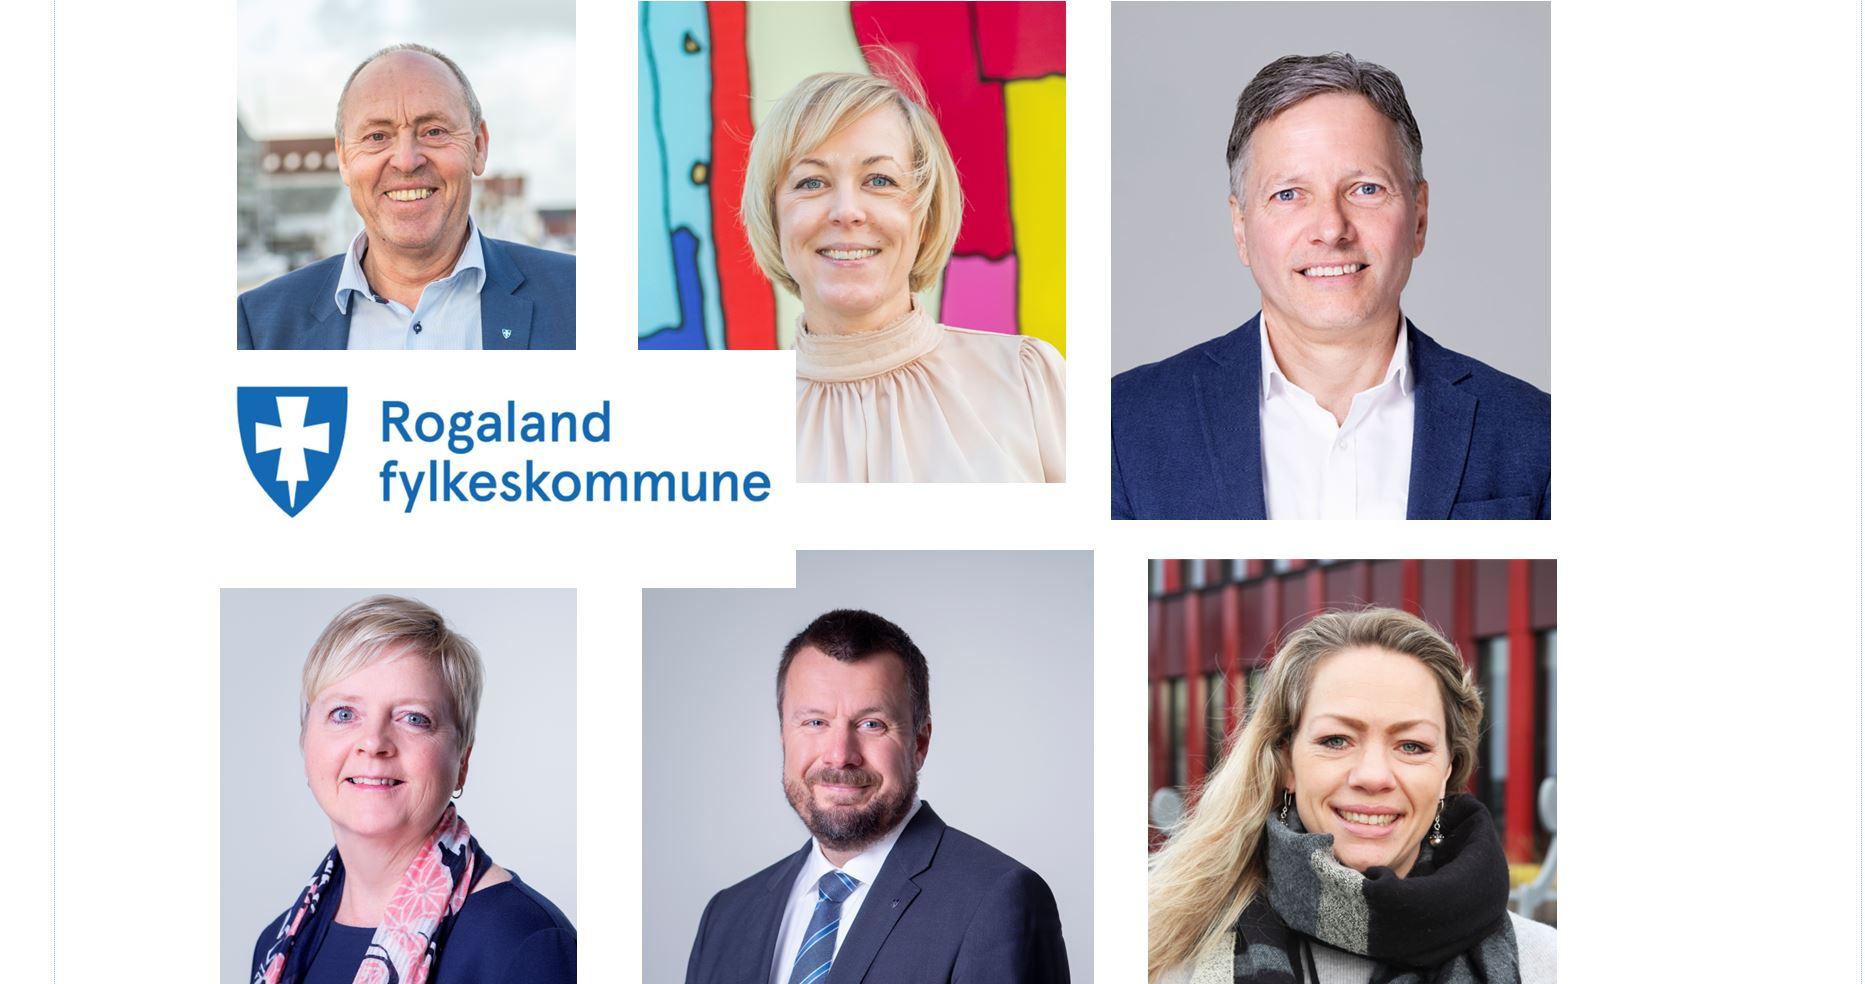 Fylkesordfører, fylkesrådmann og fylkesdirektører